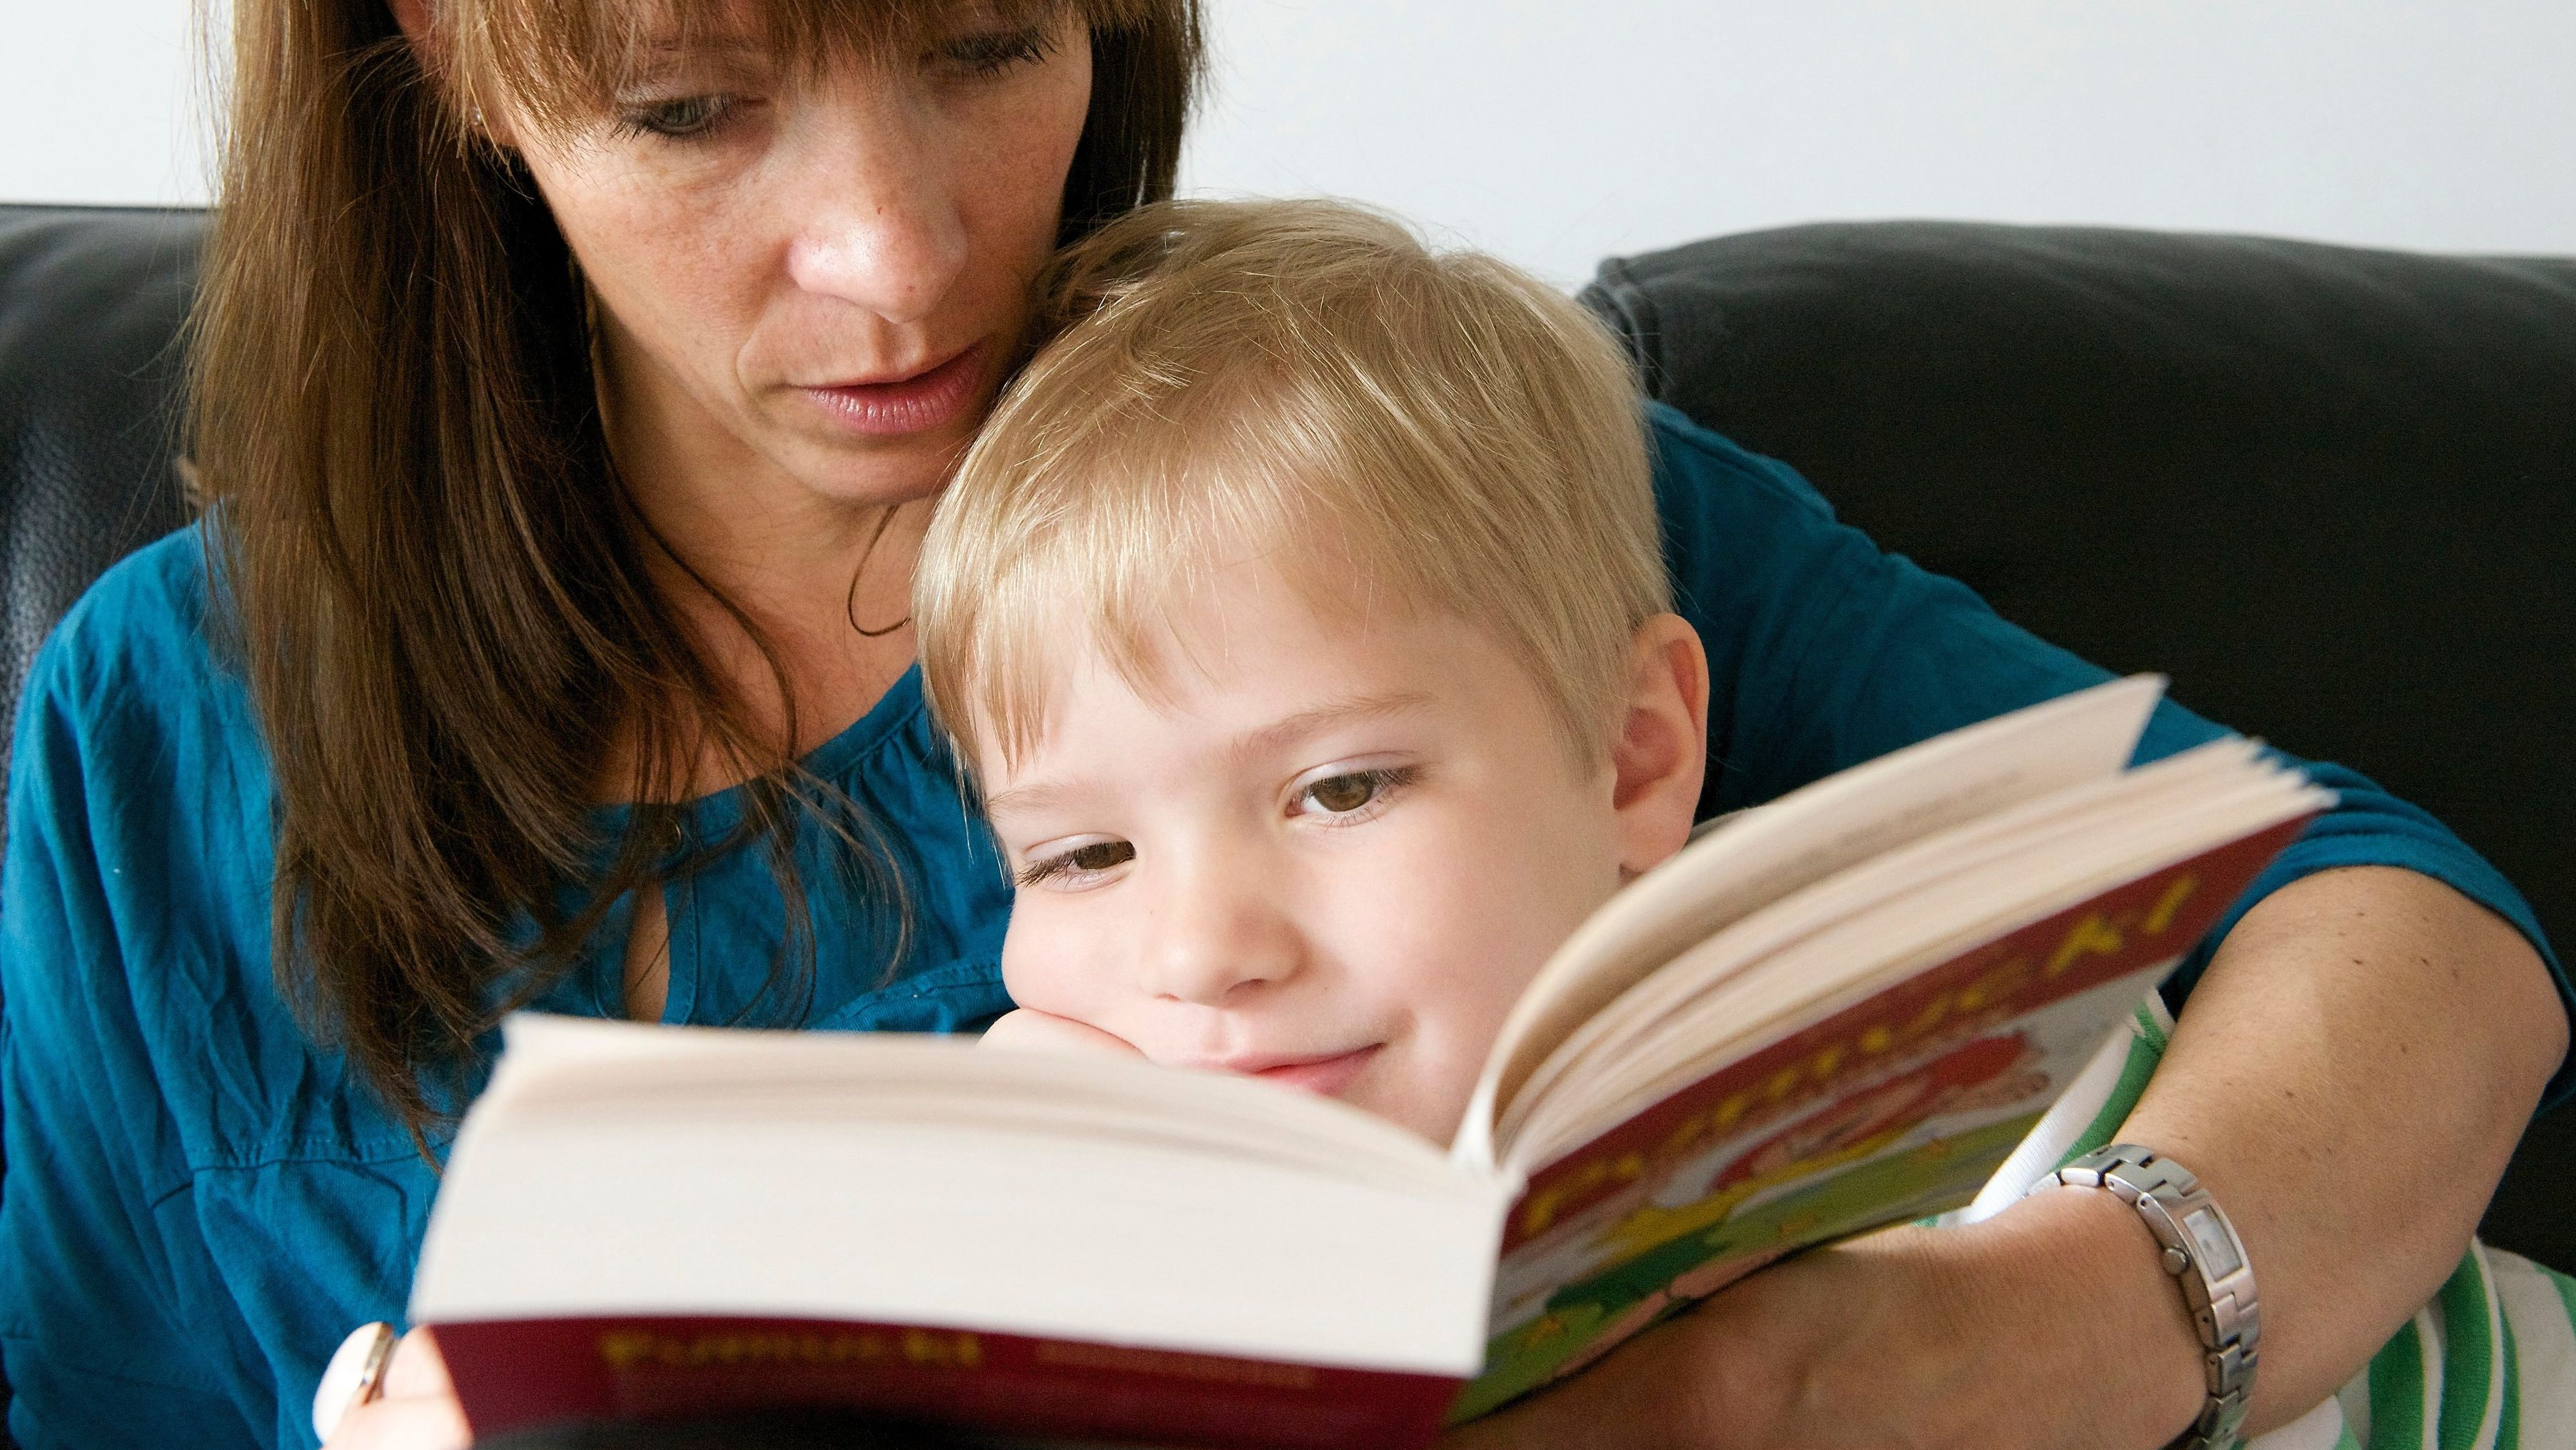 Eine Mutter liest ihrem kleinen Sohn aus einem Kinderbuch vor.